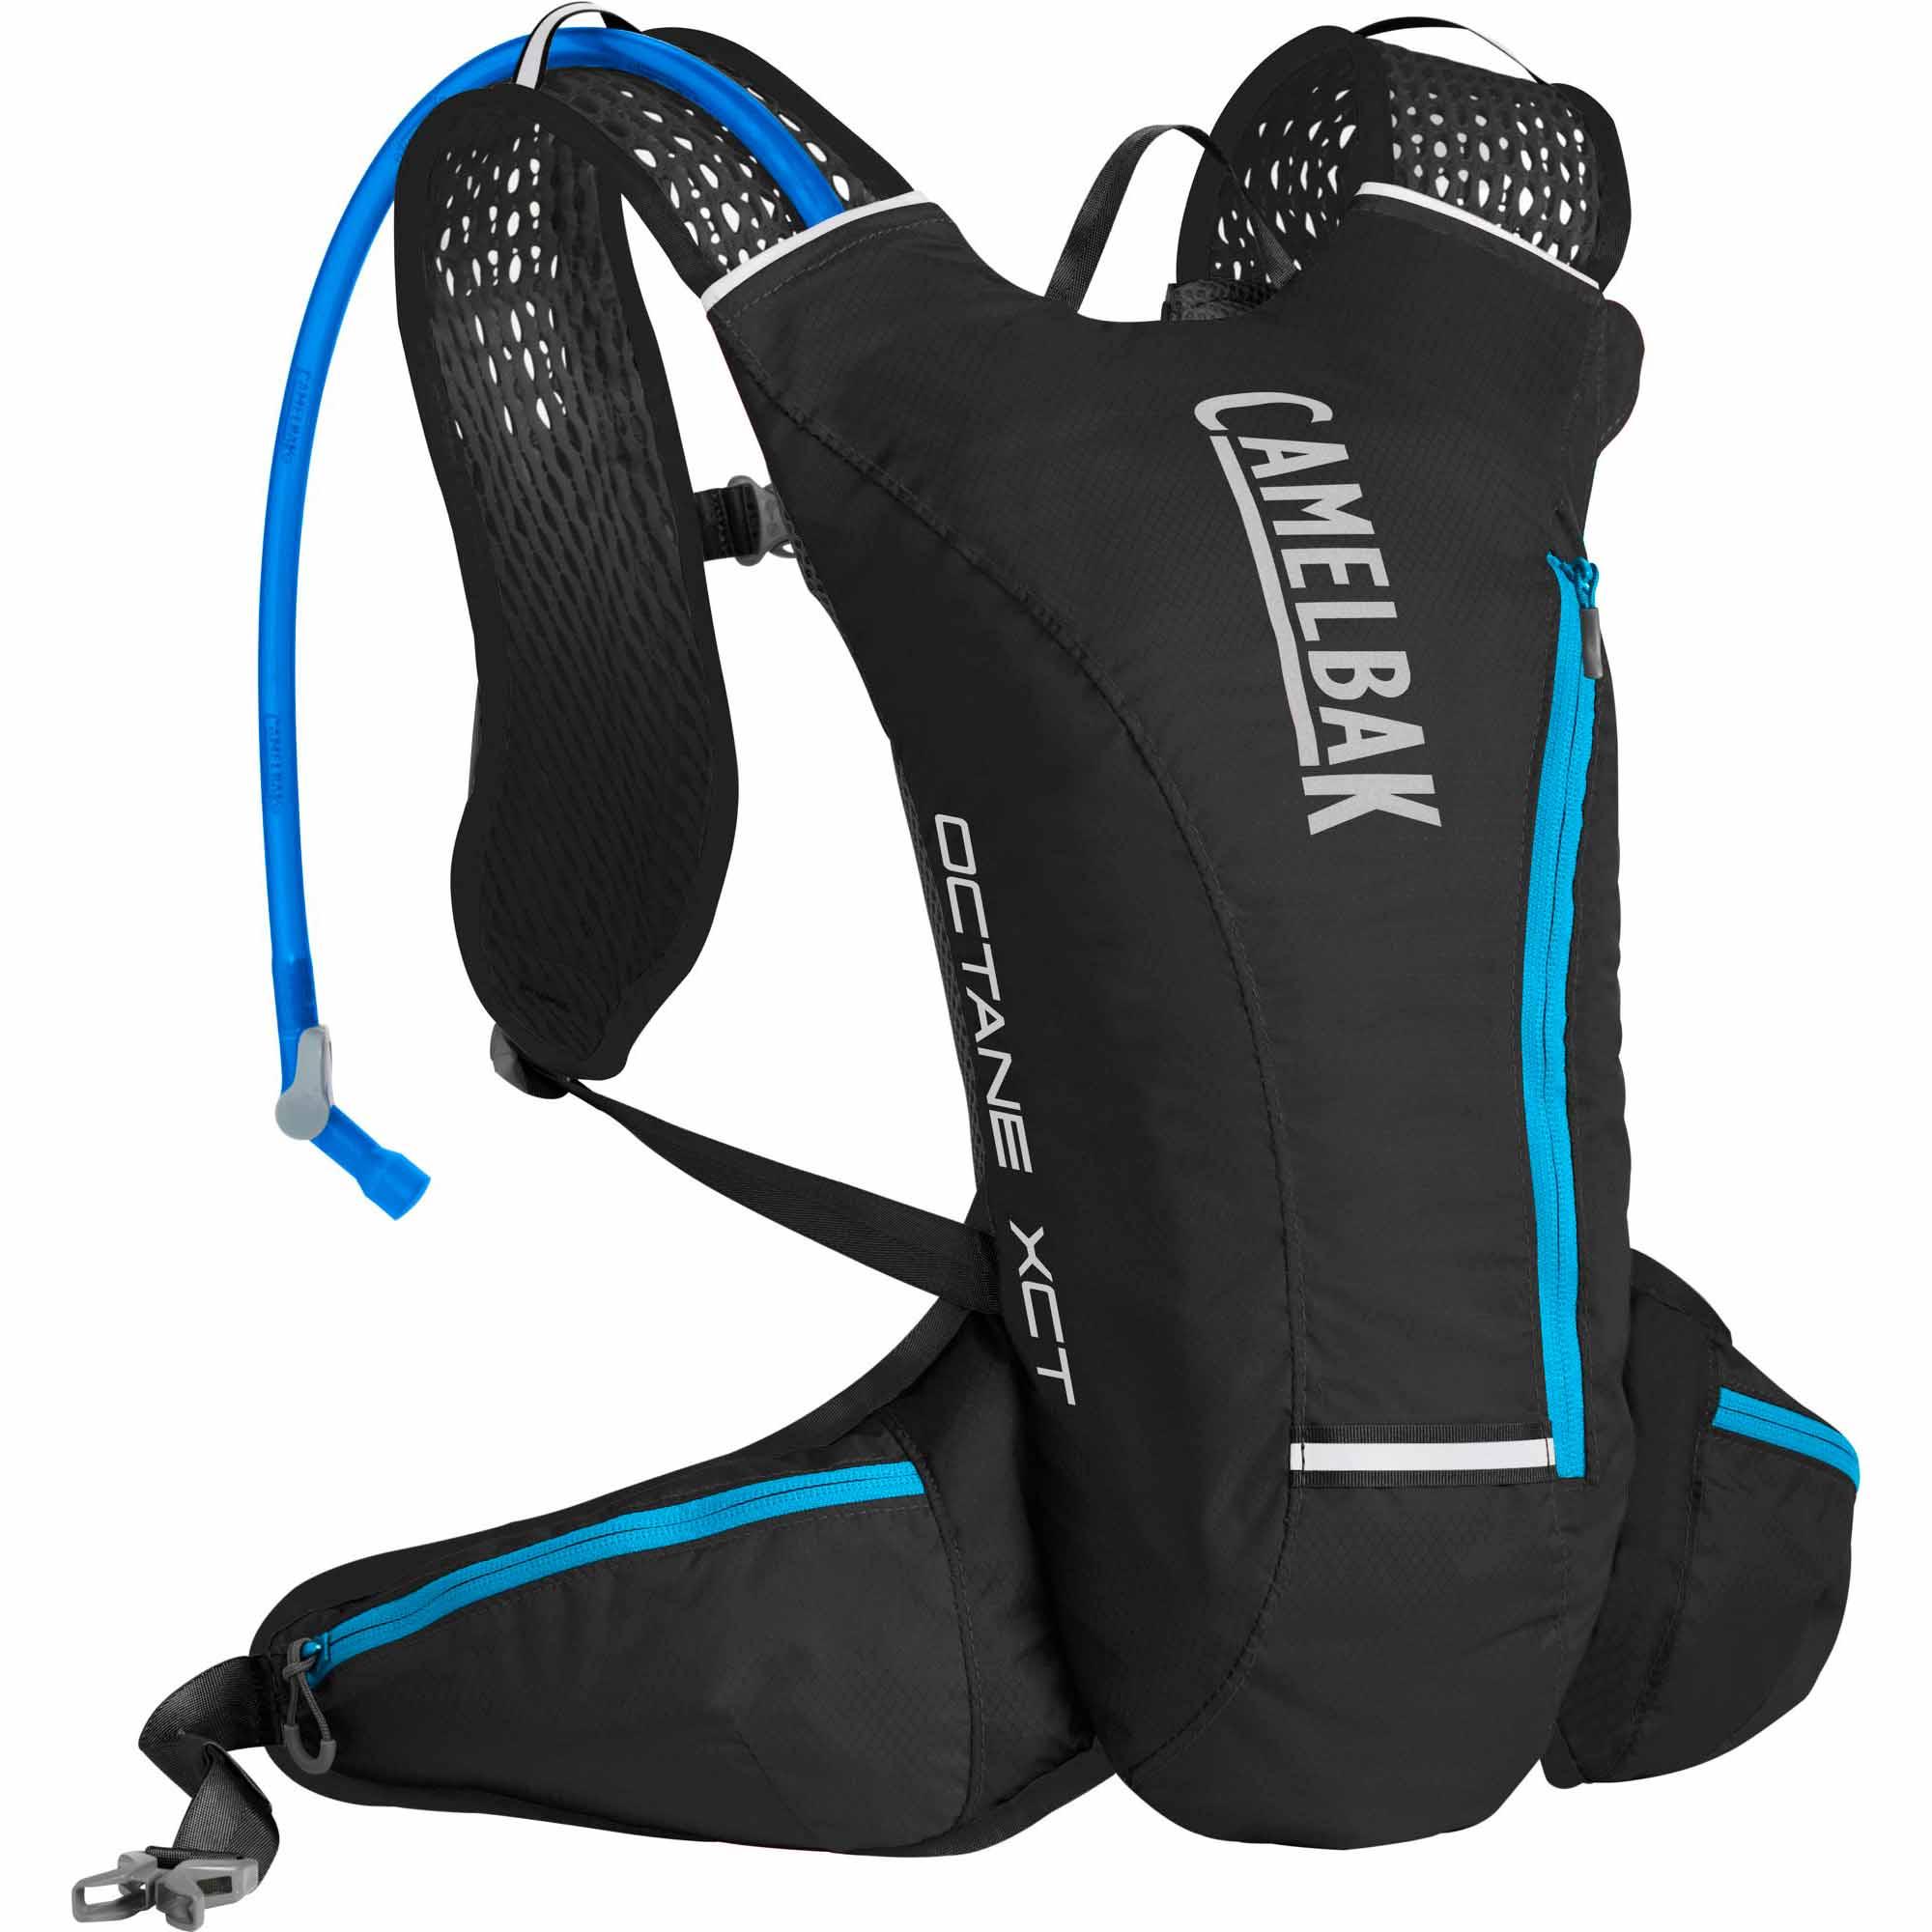 Camelbak Octane XCT Hydration Running Backpack  BlackBlue